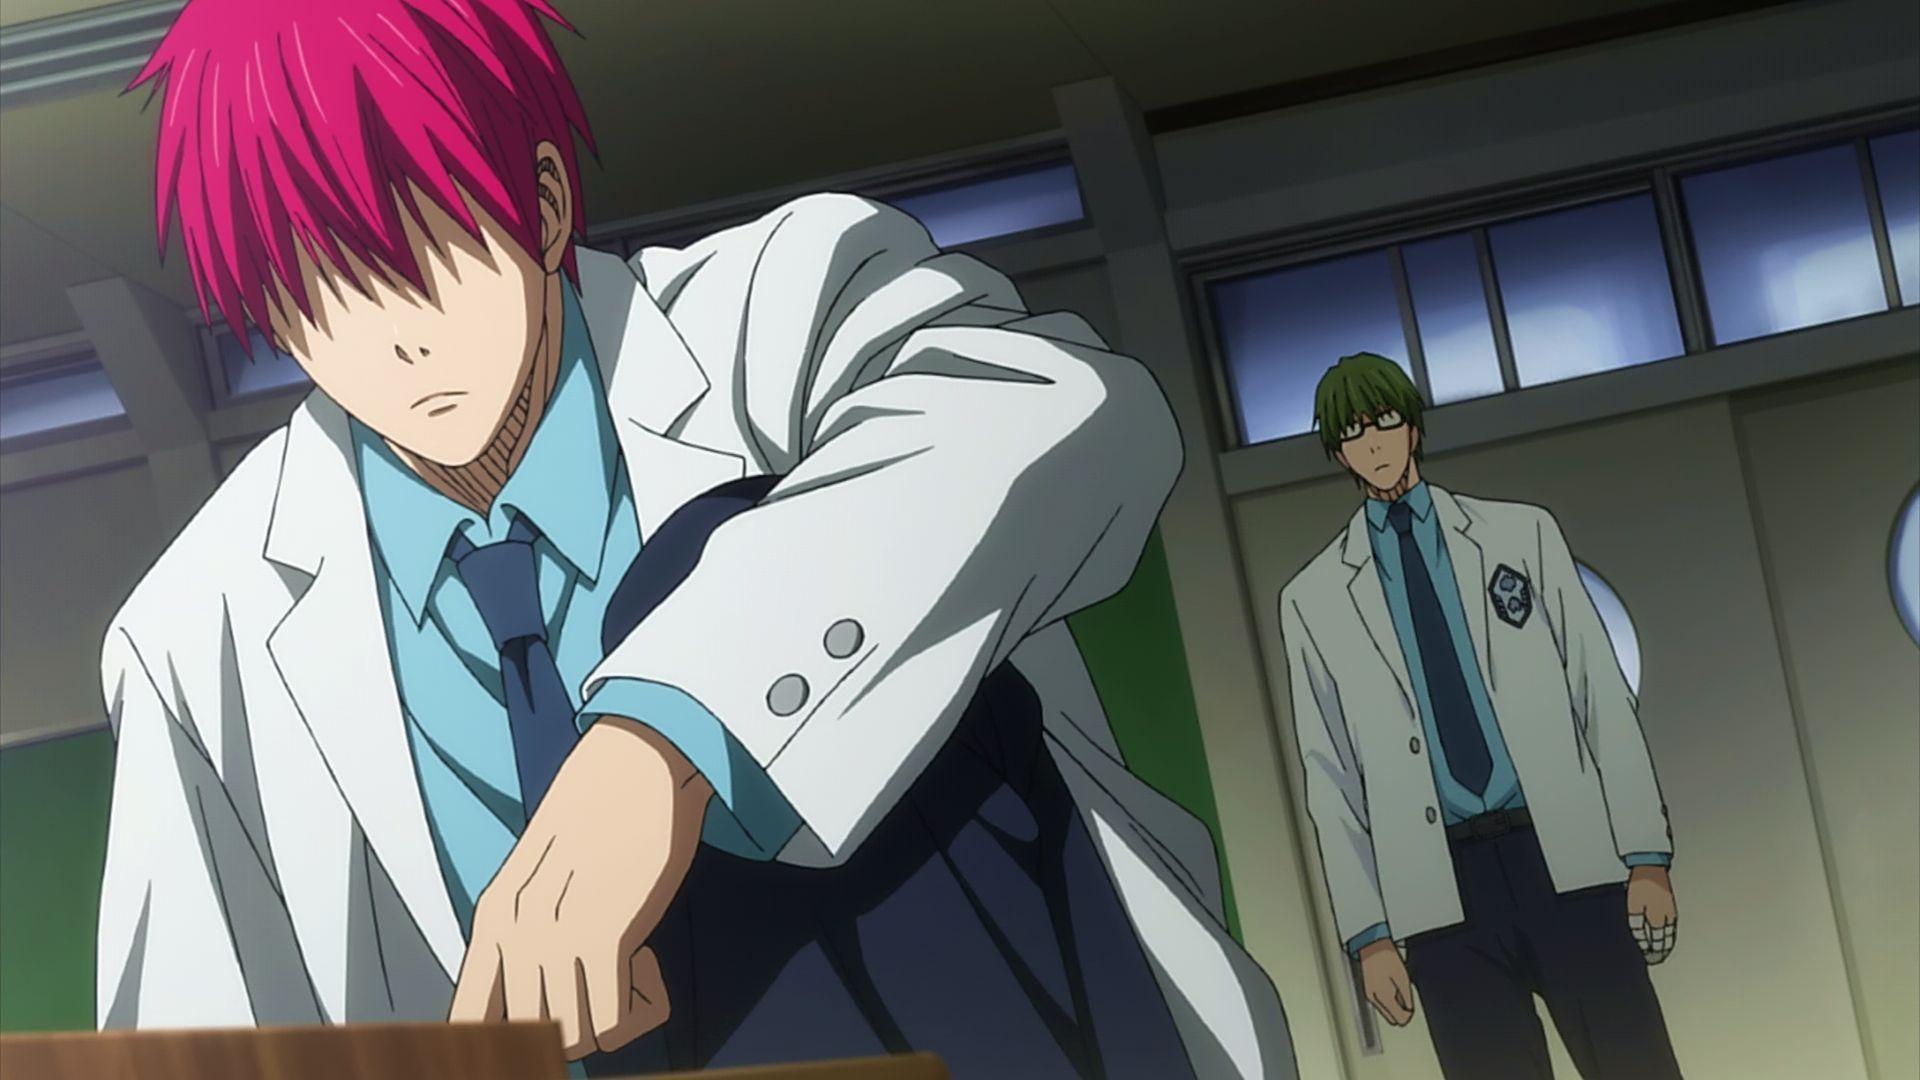 Midorima Shintarō a menudo competía contra Akashi Seijūrō en un juego... ¿Cual ?